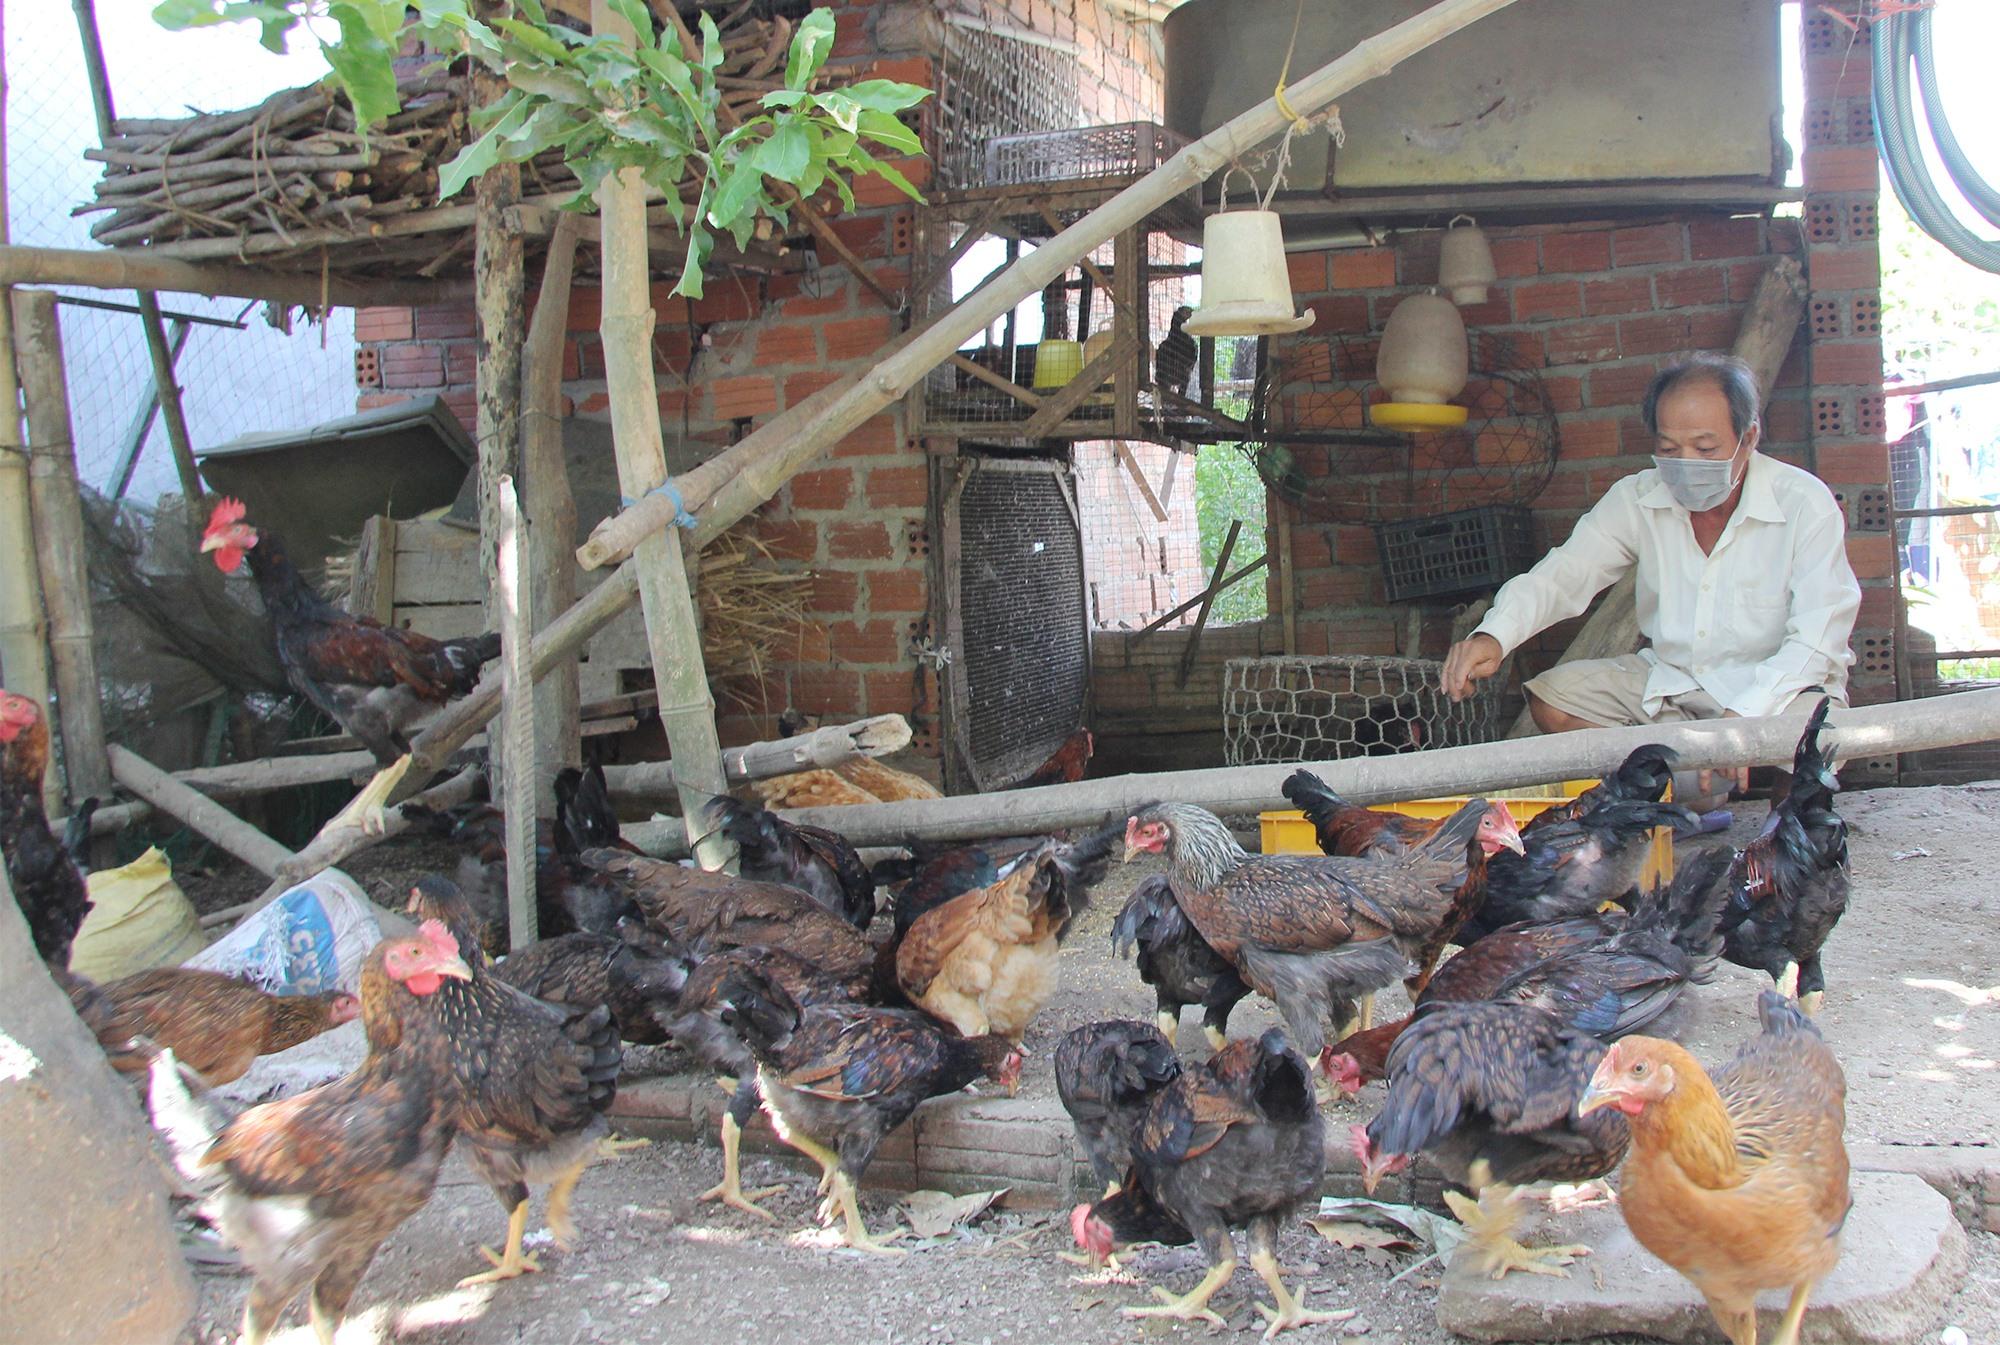 Nông dân xã Quế Phú phát triển mô hình nuôi gà từ nguồn vay vốn Ngân hàng chính sách xã hội huyện Quế Sơn. Ảnh: H.Q